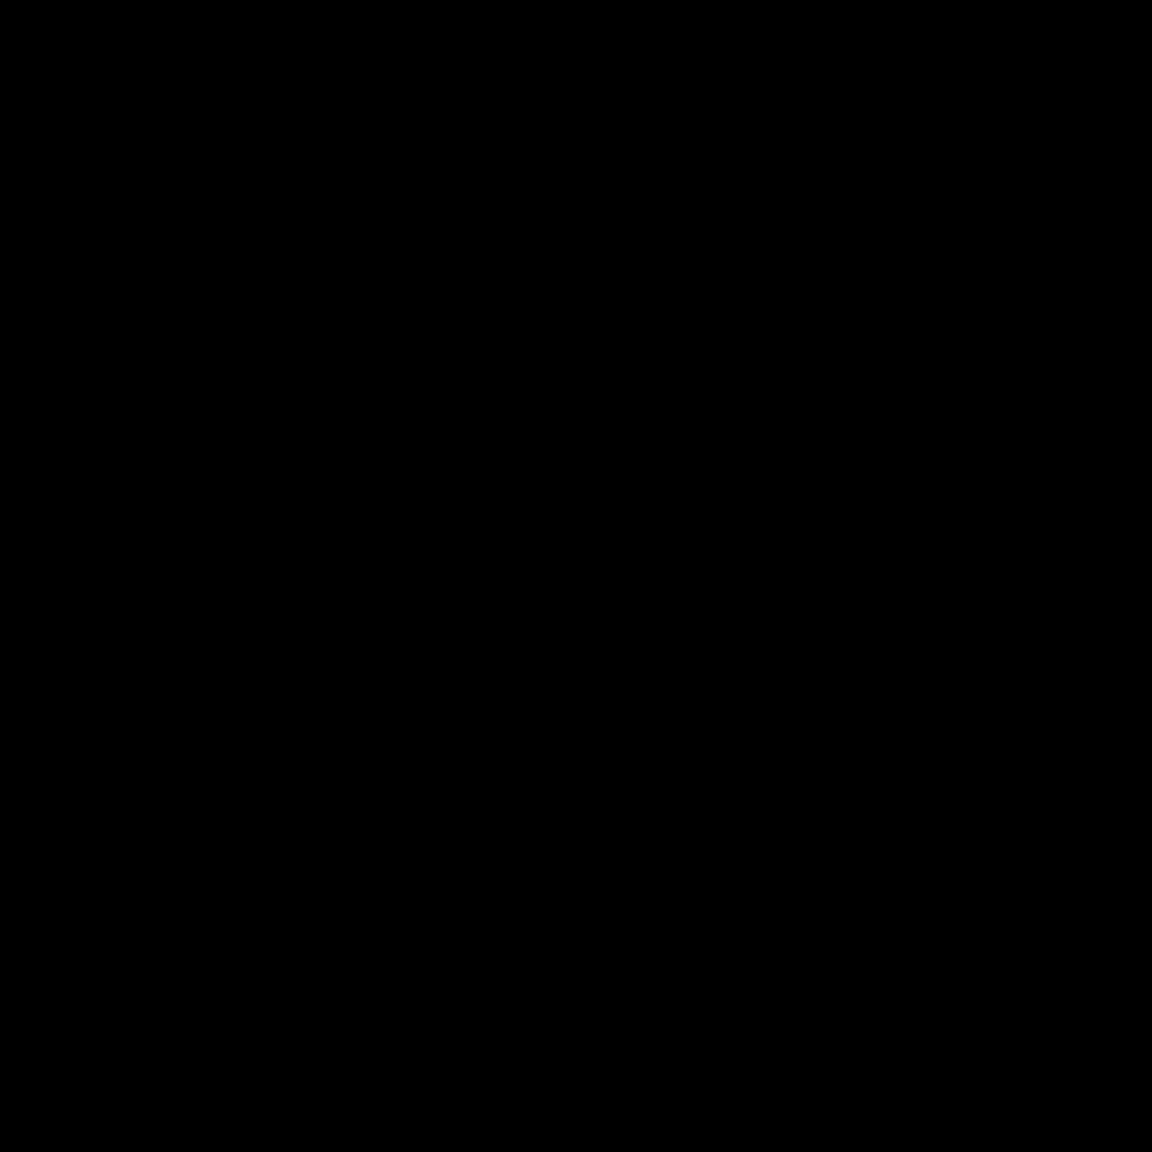 использовать белый картинки логотипа скорпиона товаров изменение